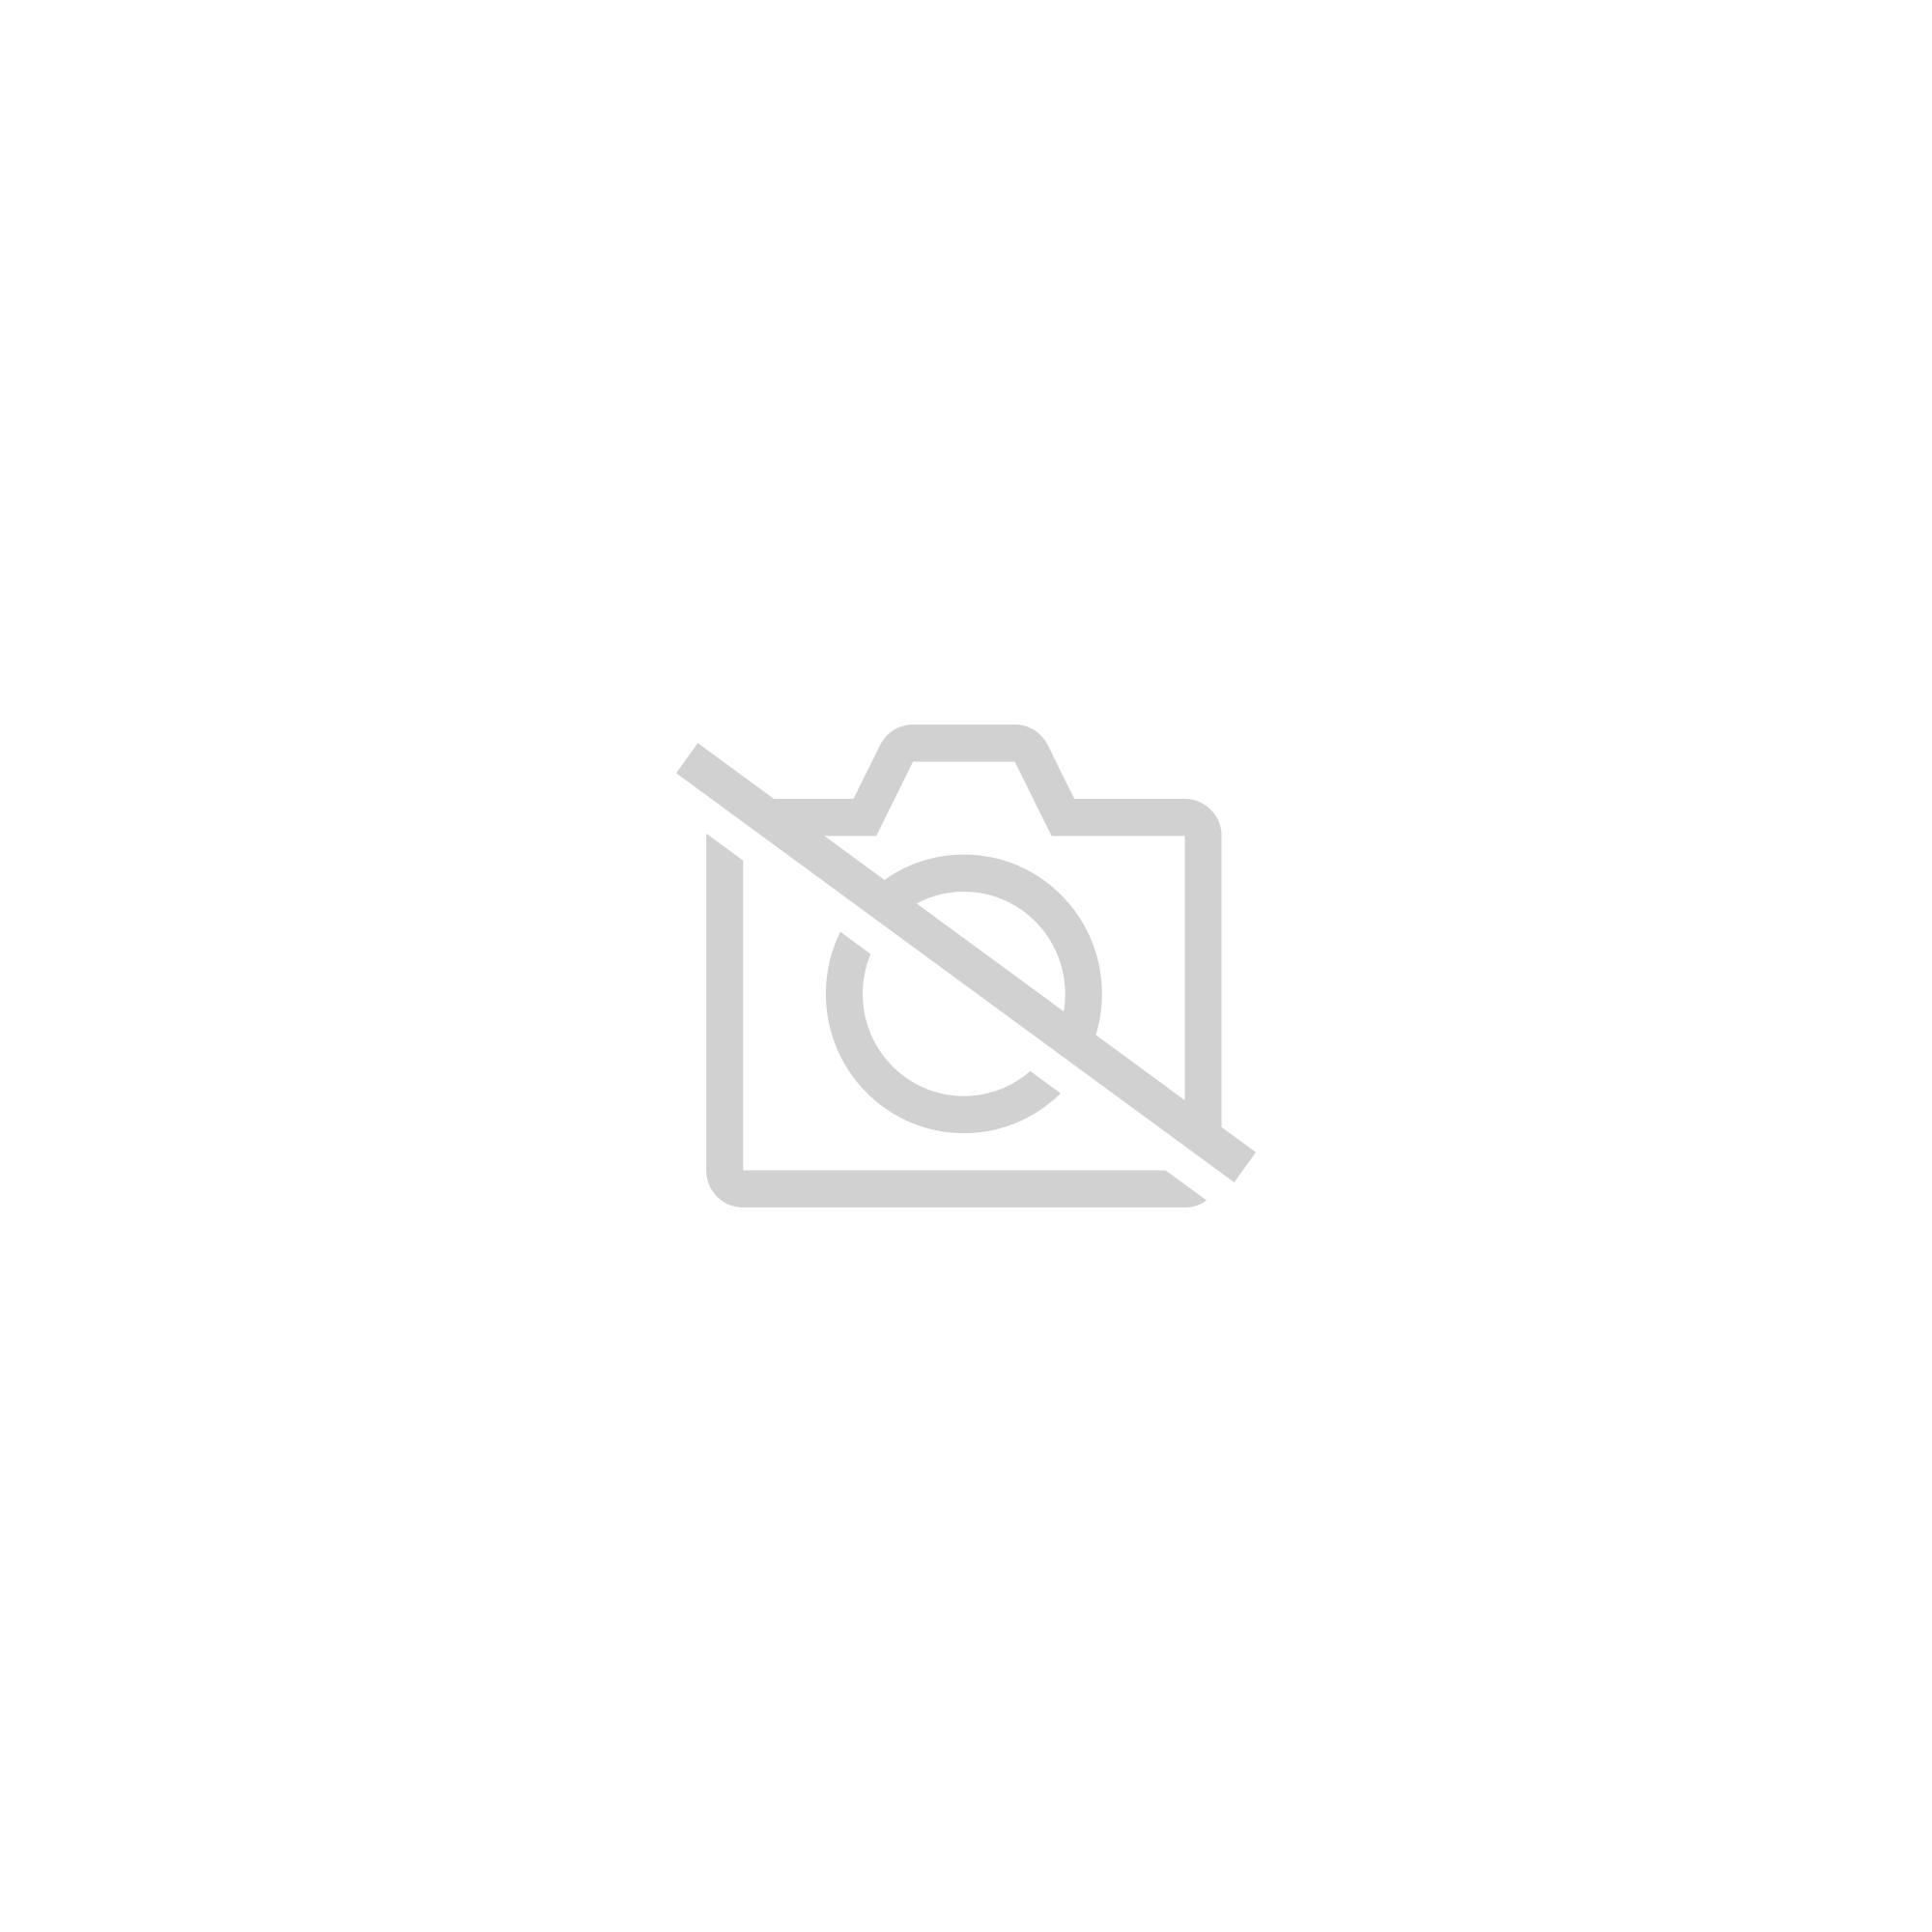 Dans la peau d 39 une blonde dvd zone 2 priceminister - Code avantage aroma zone frais de port ...